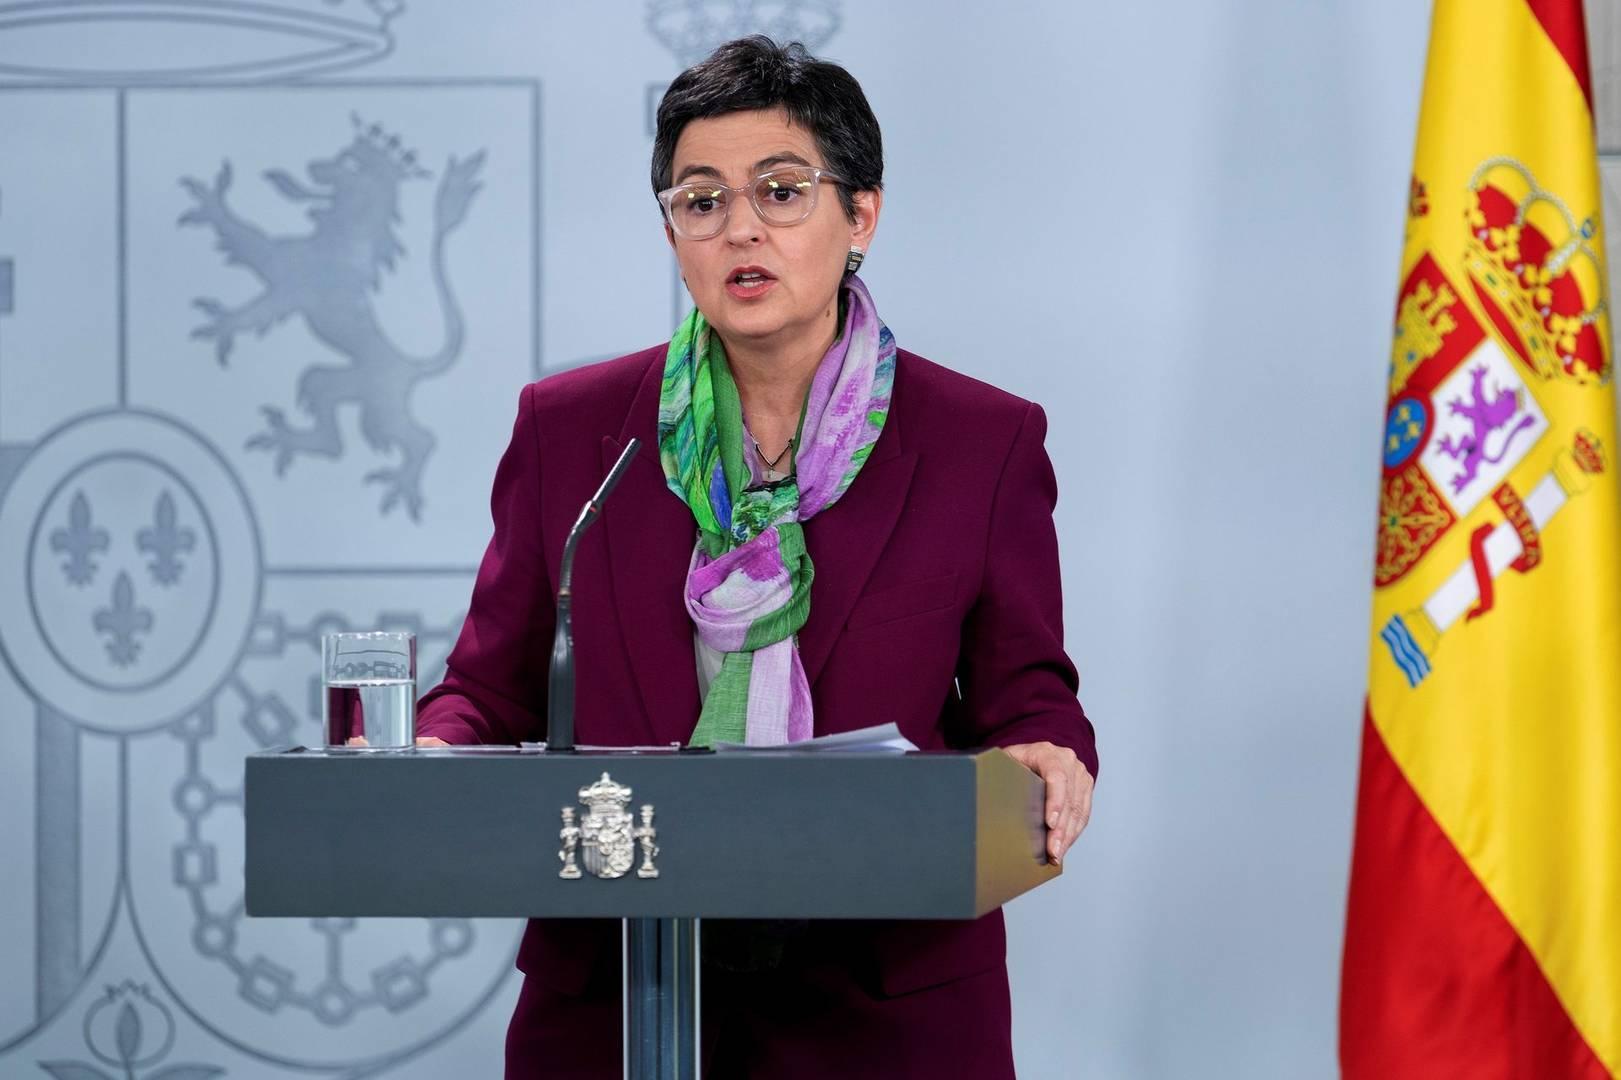 وزيرة خارجية اسبانيا: موقفنا من قضية الصحراء الغربية ثابت ولن يتغير لأنه يرتكز على احترام الشرعية الدولية